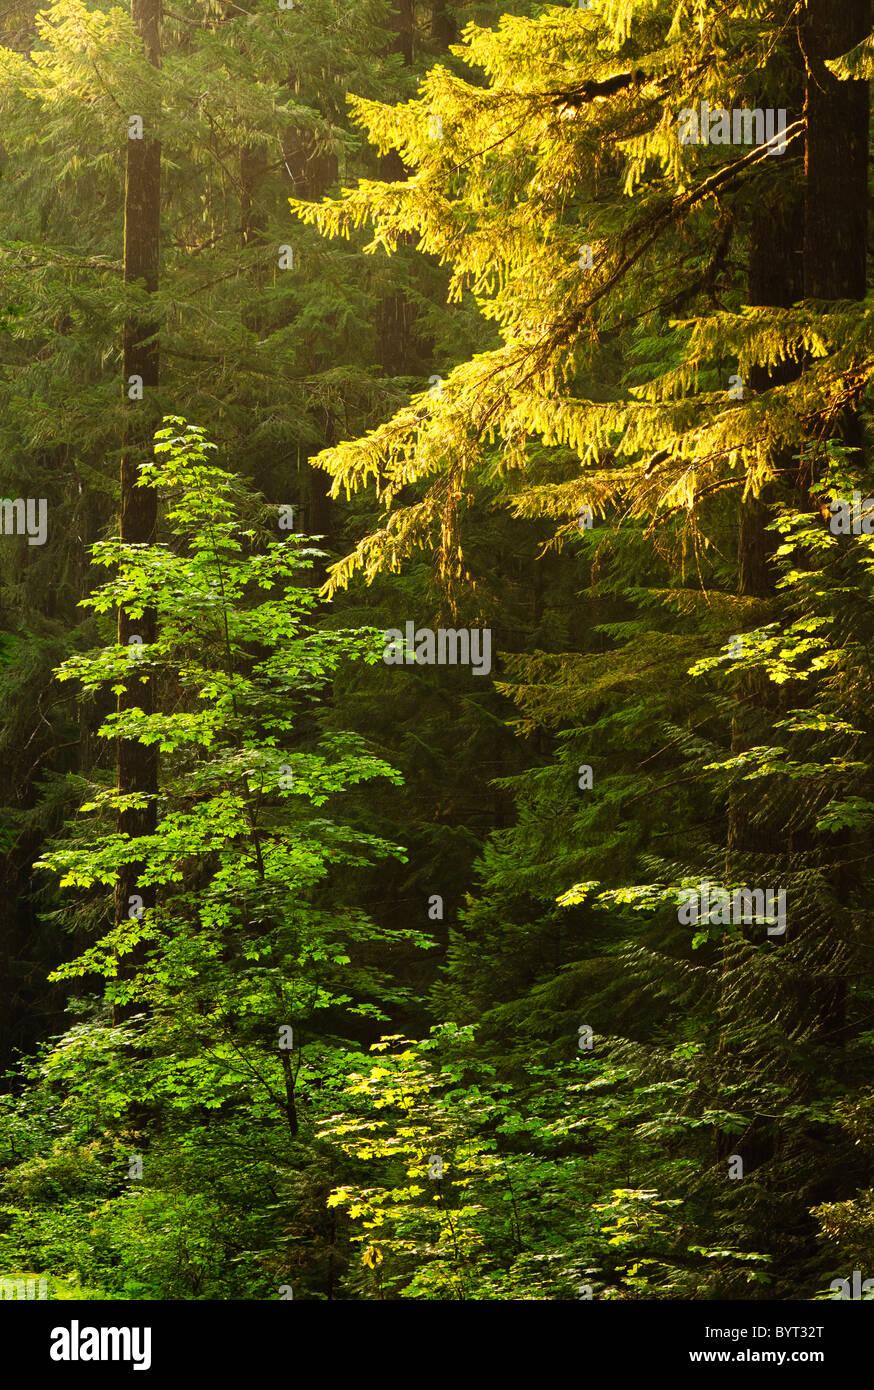 Trees in early morning light; Trailbridge Reservoir, Willamette National Forest, Oregon. - Stock Image